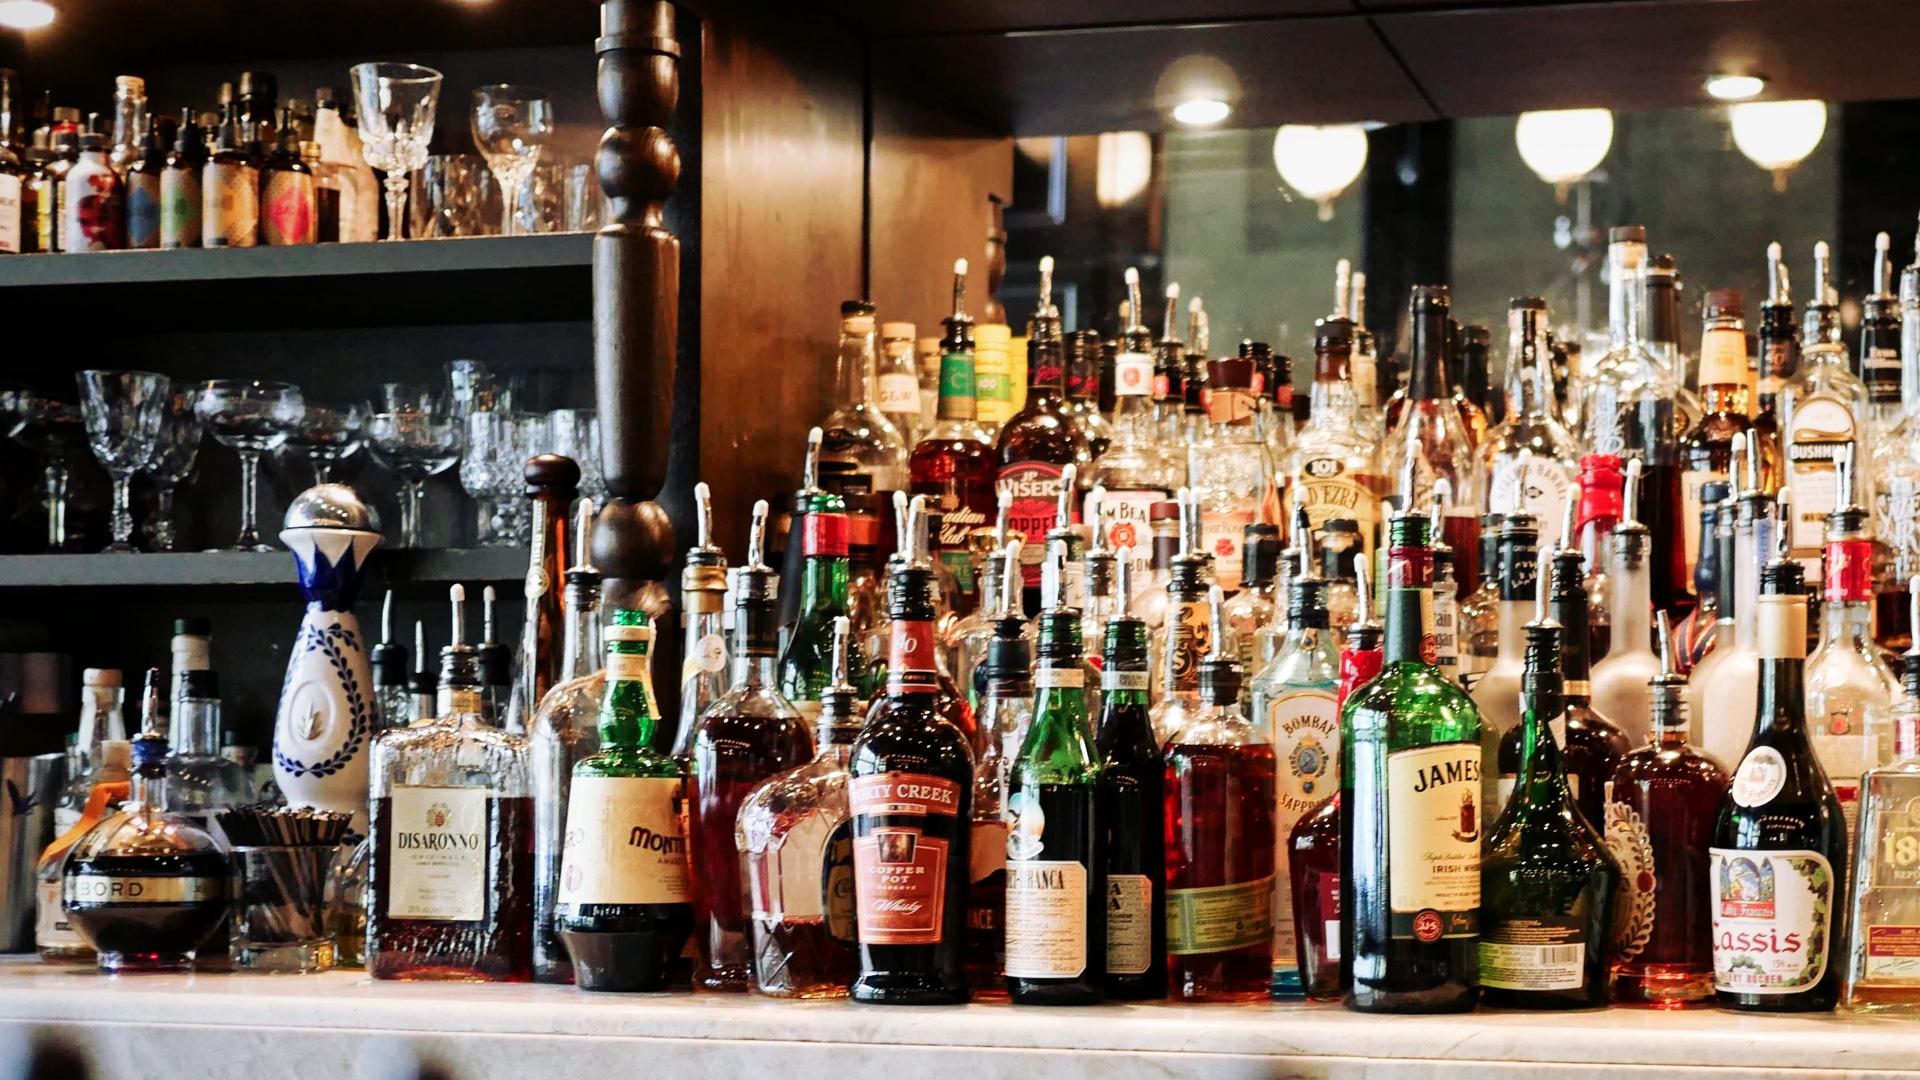 お酒の瓶がたくさん置いているカウンター